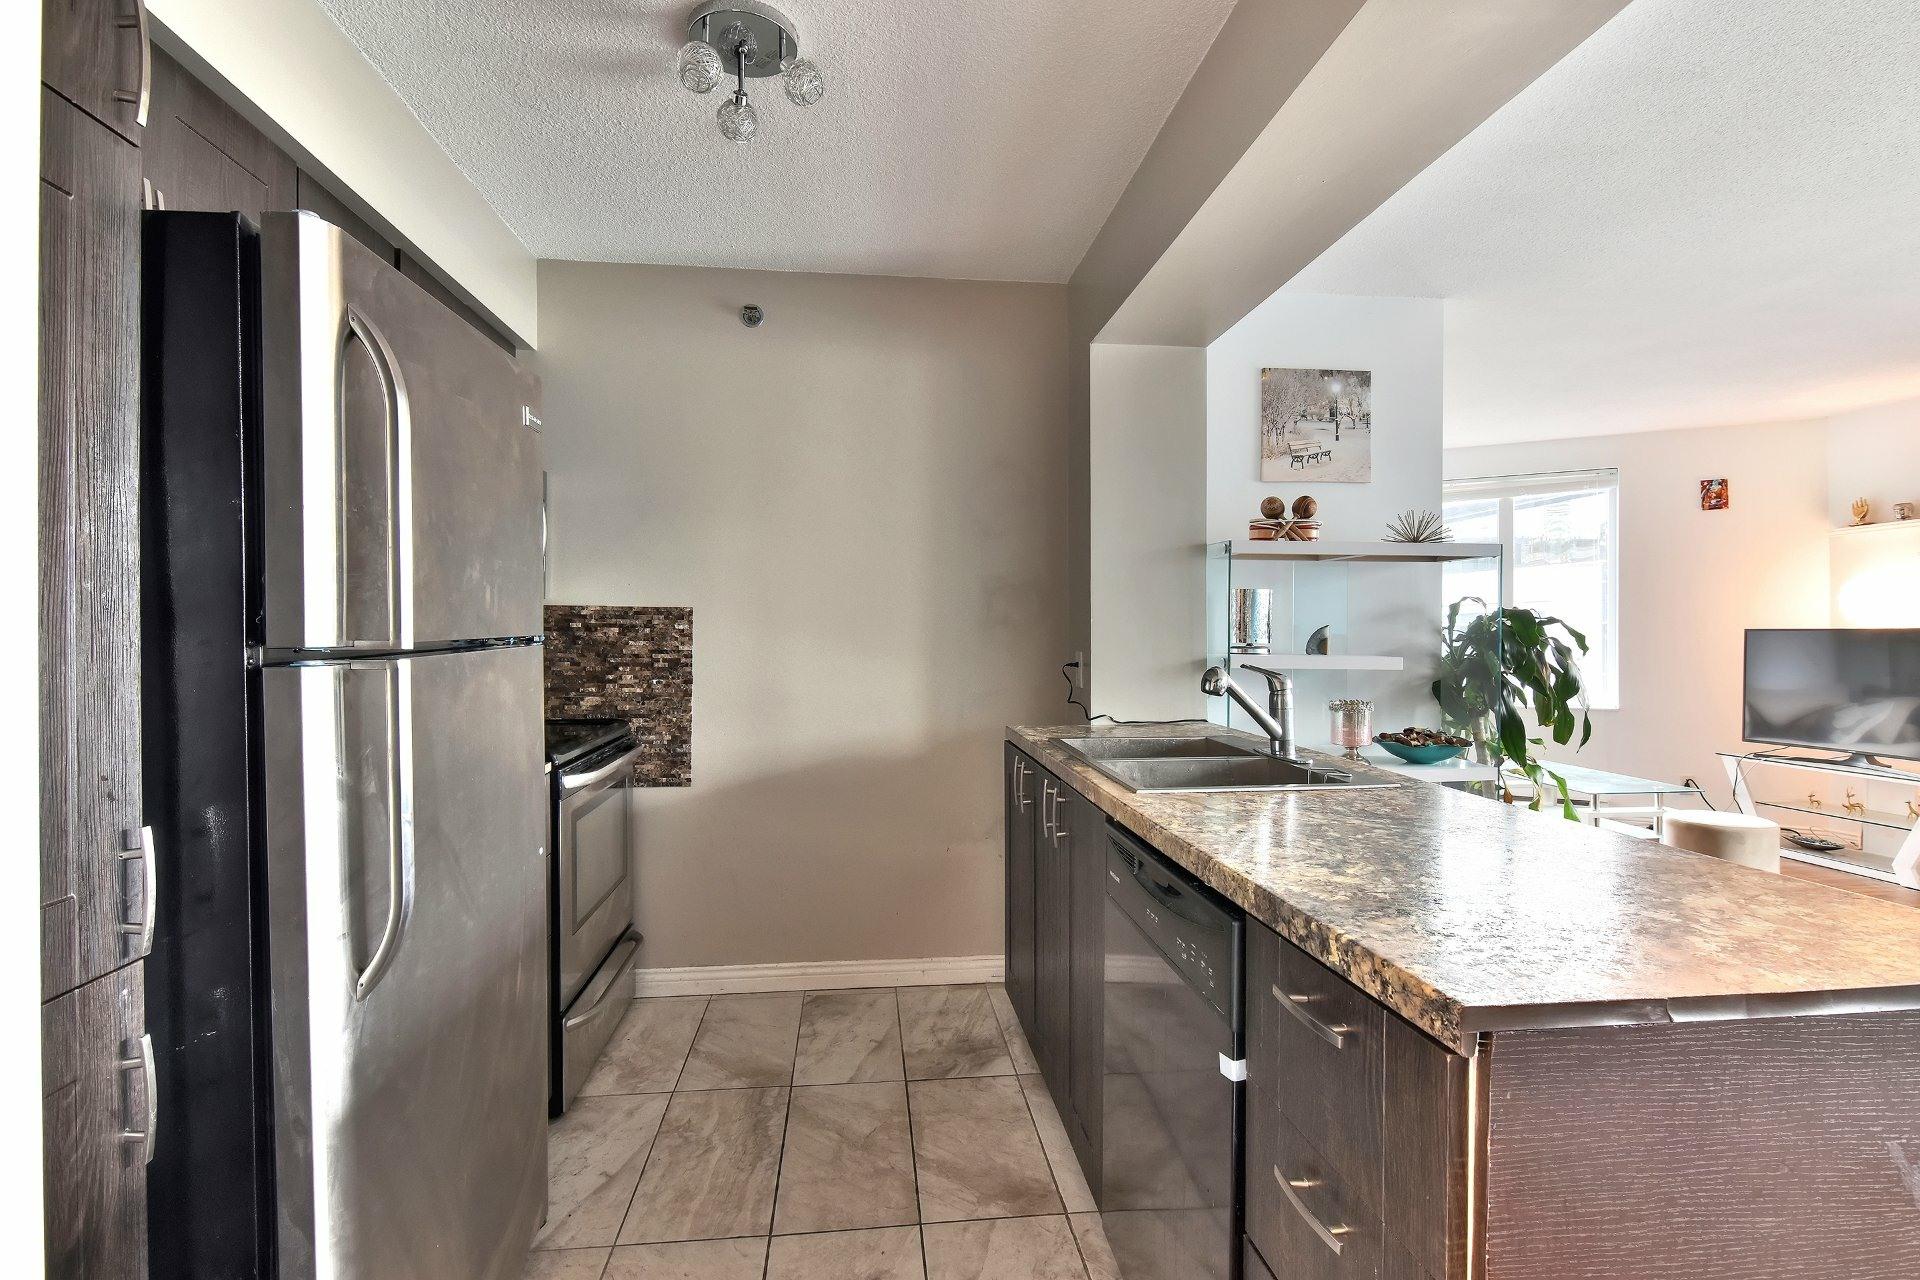 image 10 - Appartement À louer Ville-Marie Montréal  - 6 pièces